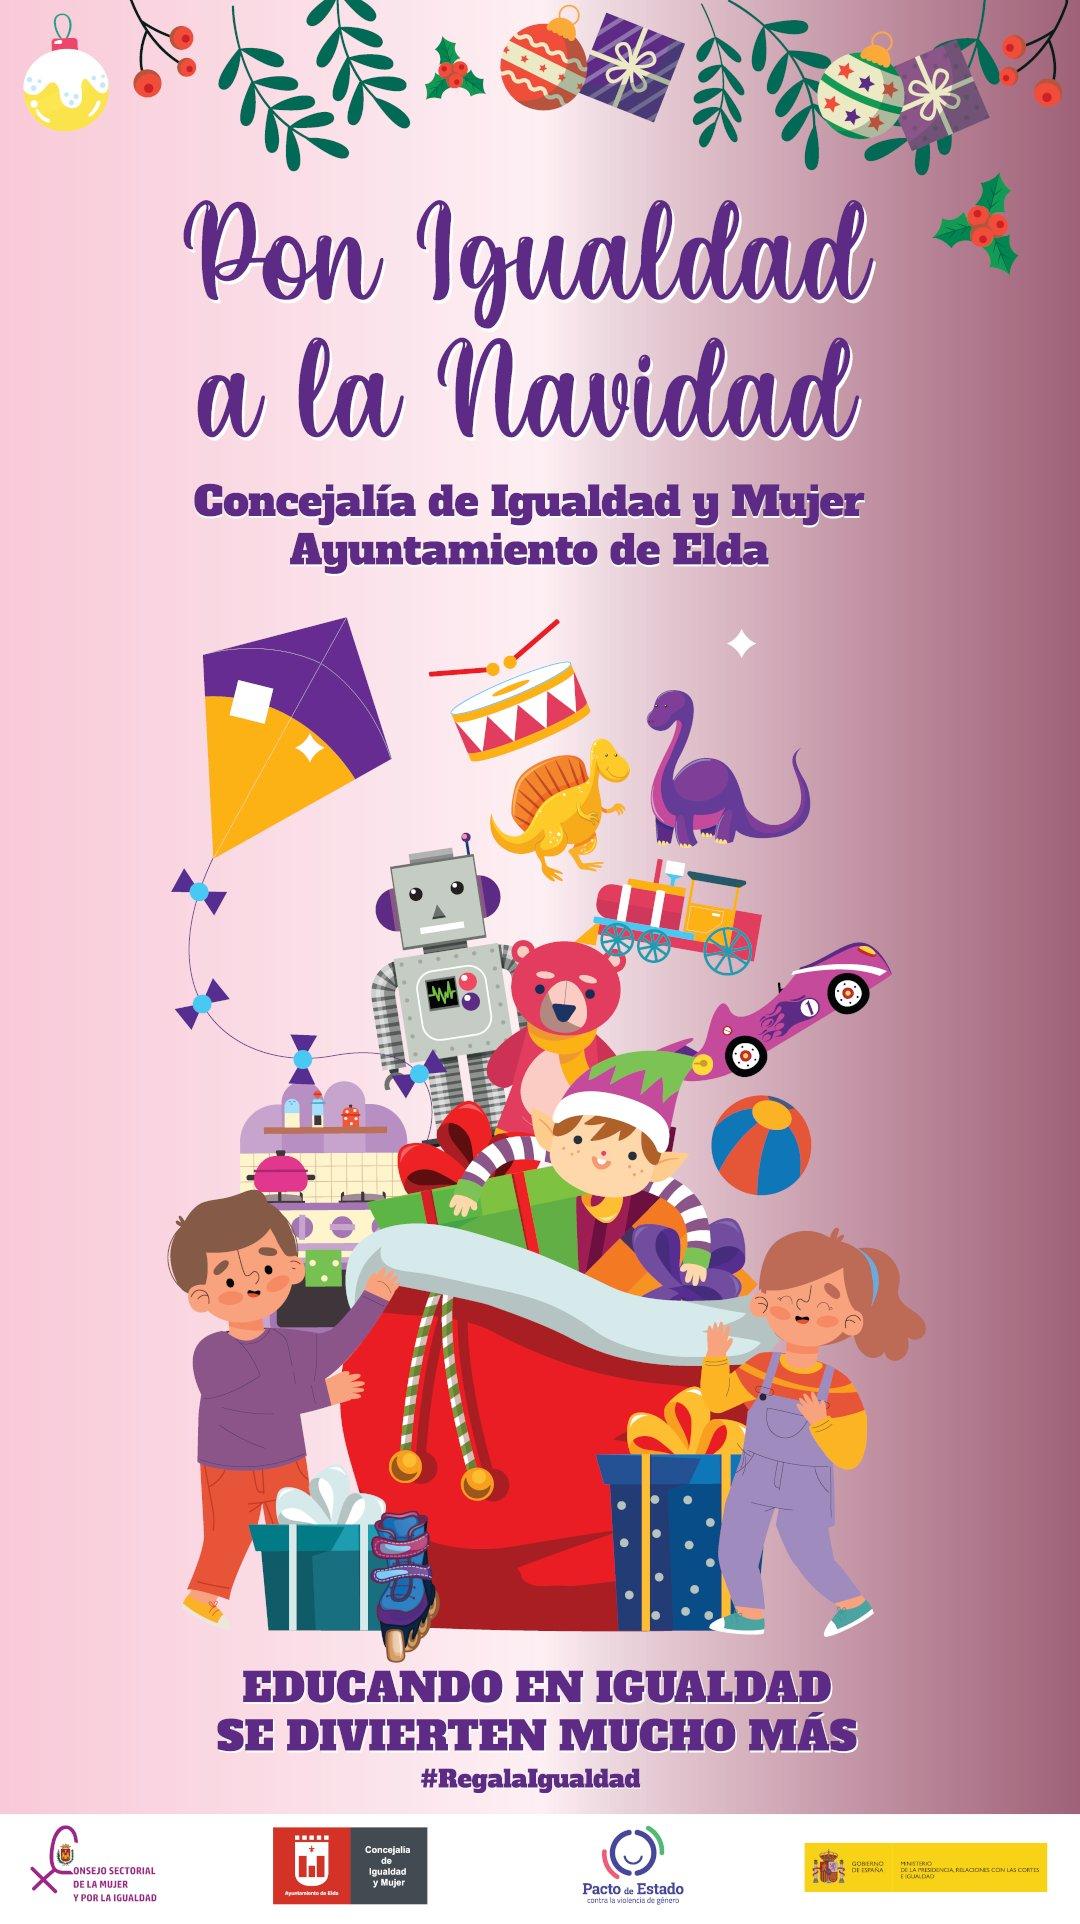 Cartel_pon_igualdad_navidad